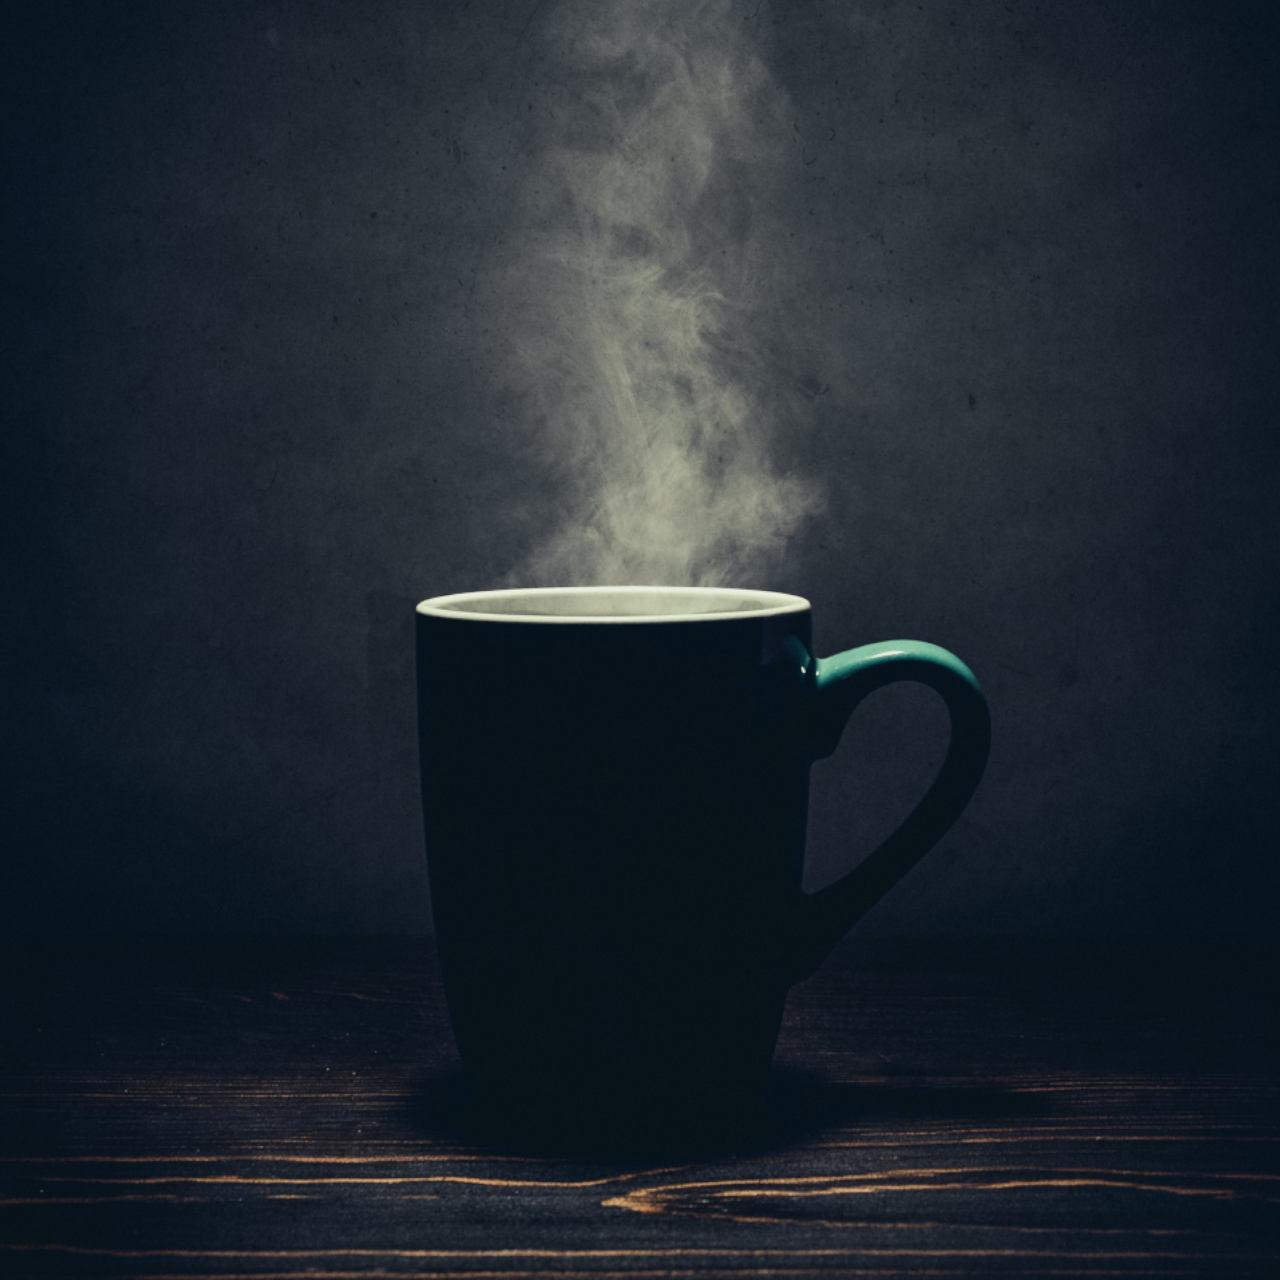 CoffeeCupbrian-suman-CmYJEYBfgTA-unsplash.jpg